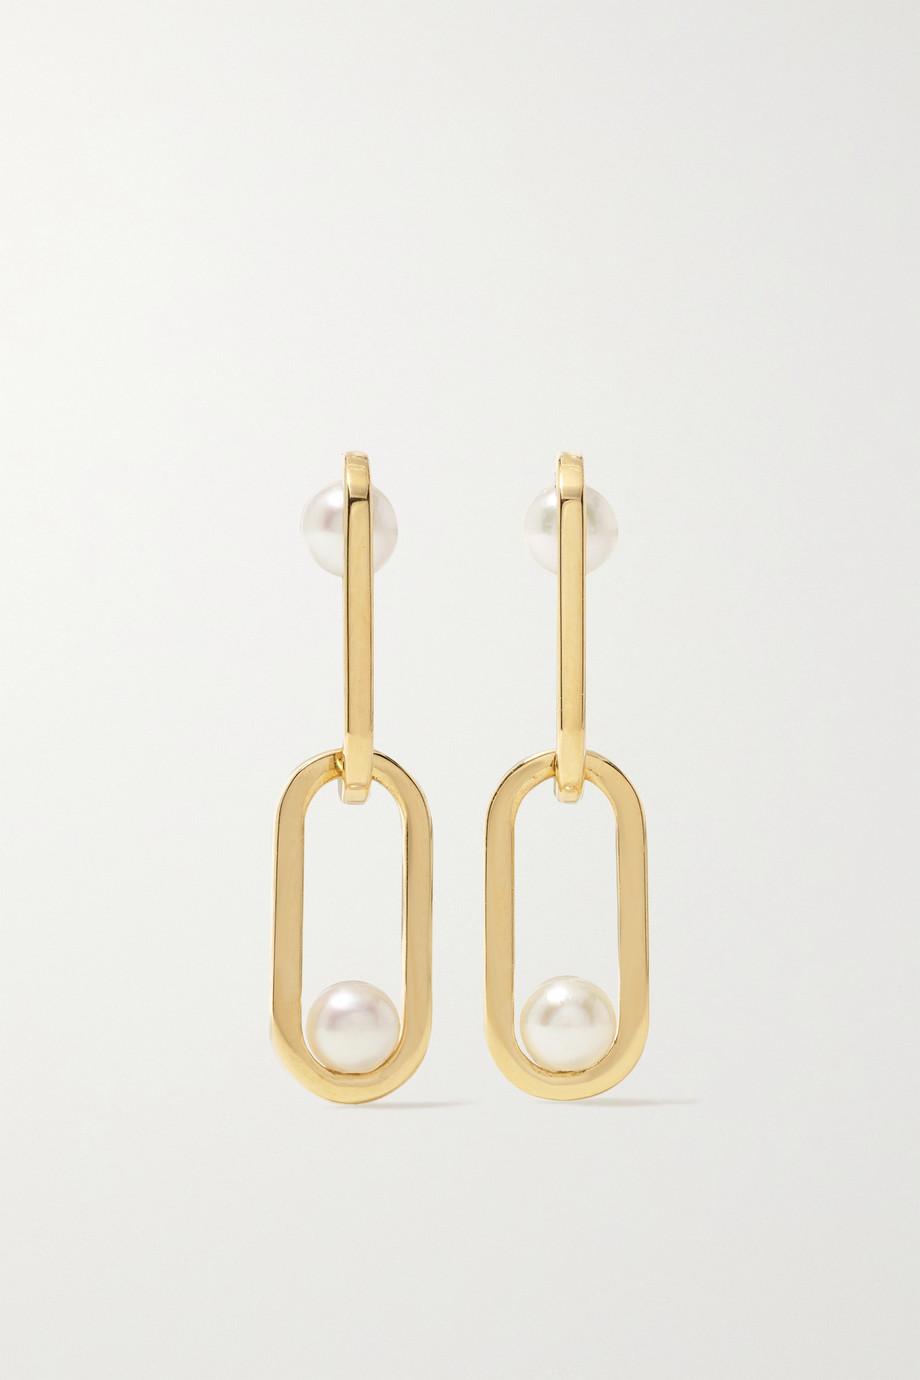 State Property Inversion Ohrringe aus 18 Karat Gold mit Perlen